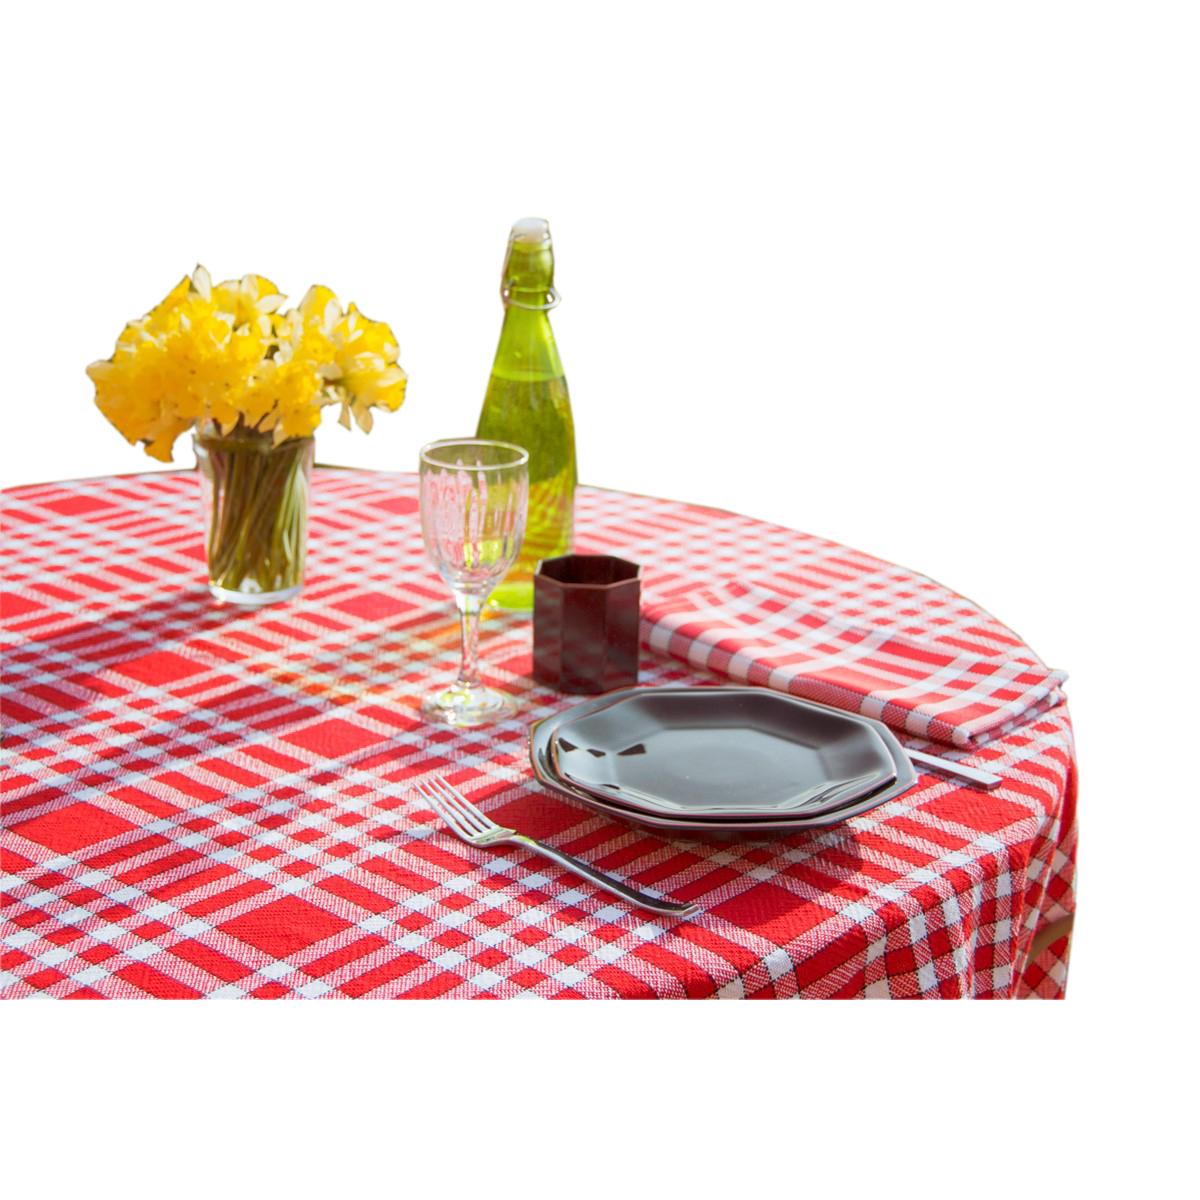 Nappe tissu carreaux vichy en coton rouge 150x350 cm